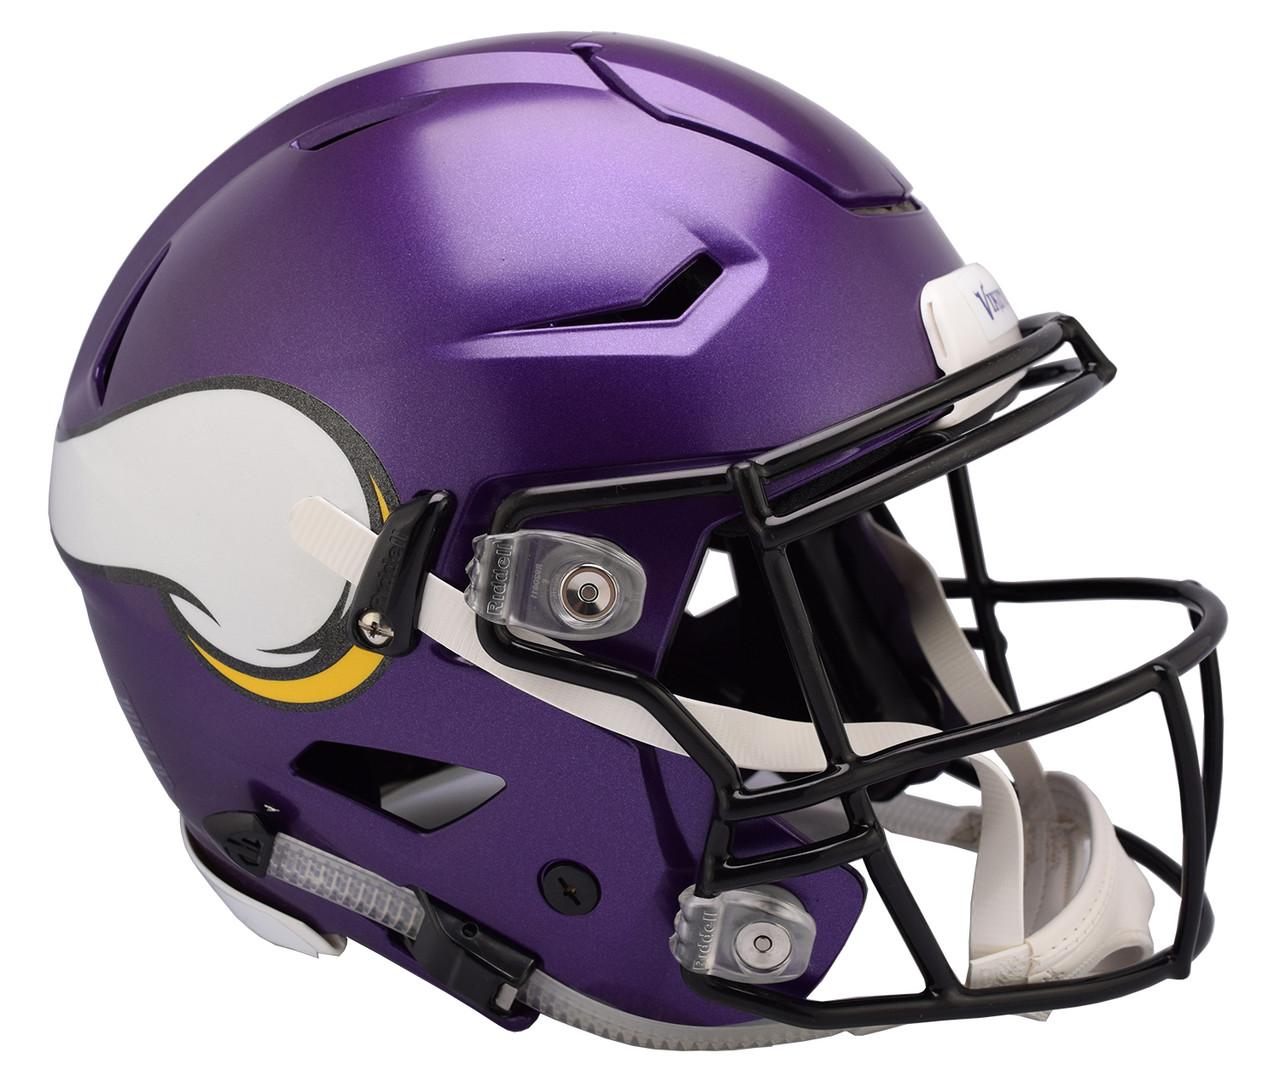 1b2c1046 Minnesota Vikings NEW SpeedFlex Riddell Full Size Authentic Football Helmet  - Speed Flex. Riddell. Image 1